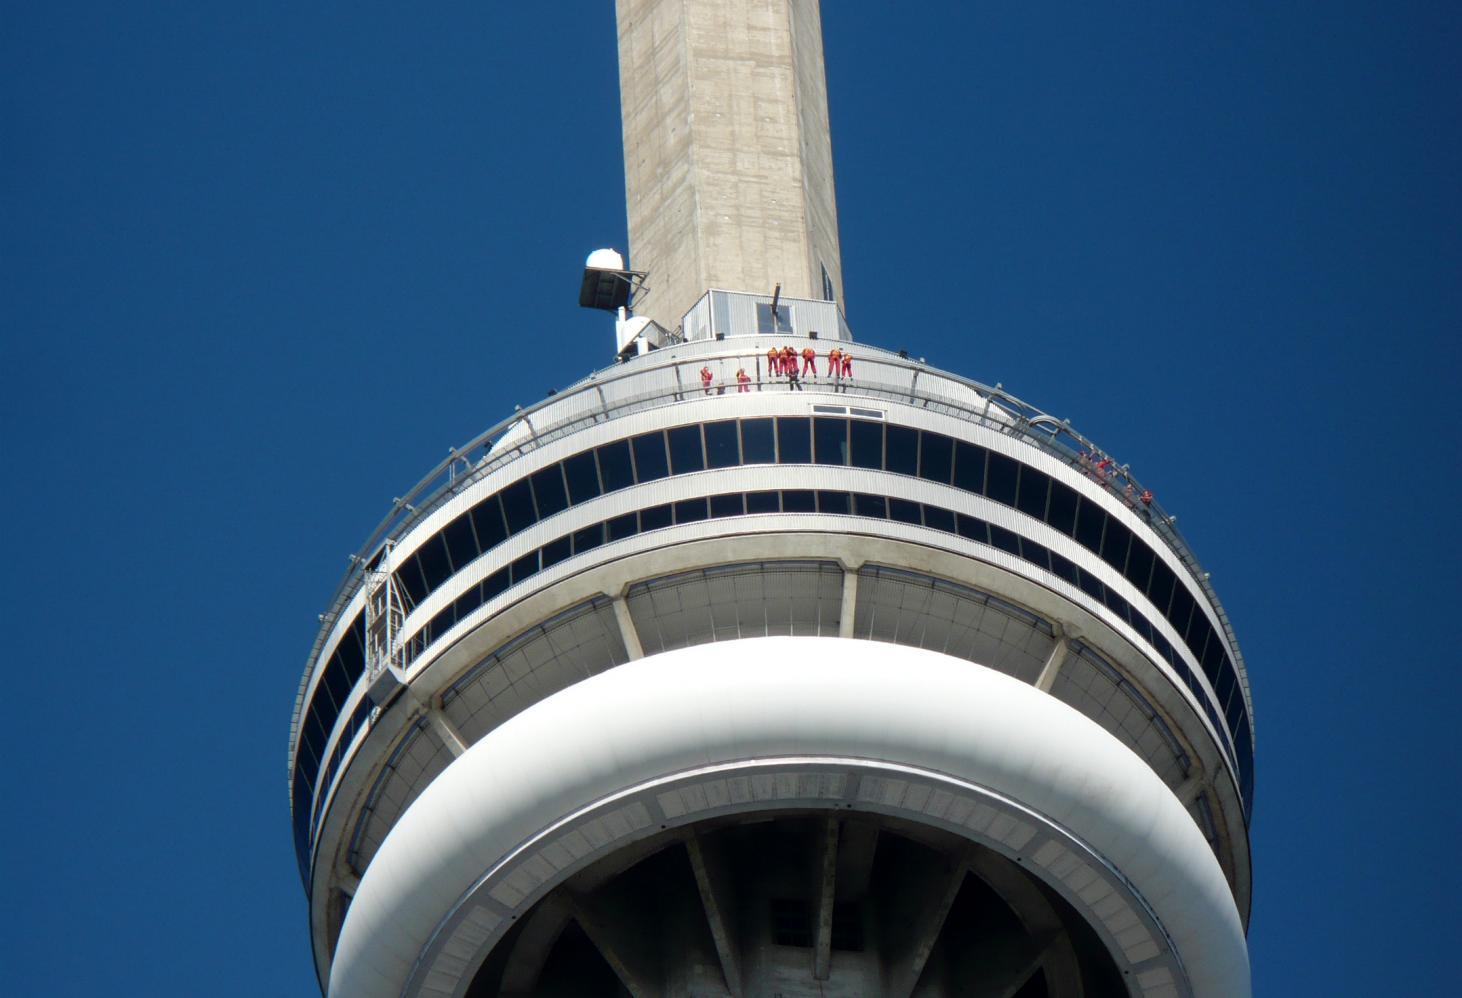 Си-эн Тауэр, Торонто (CN Tower)